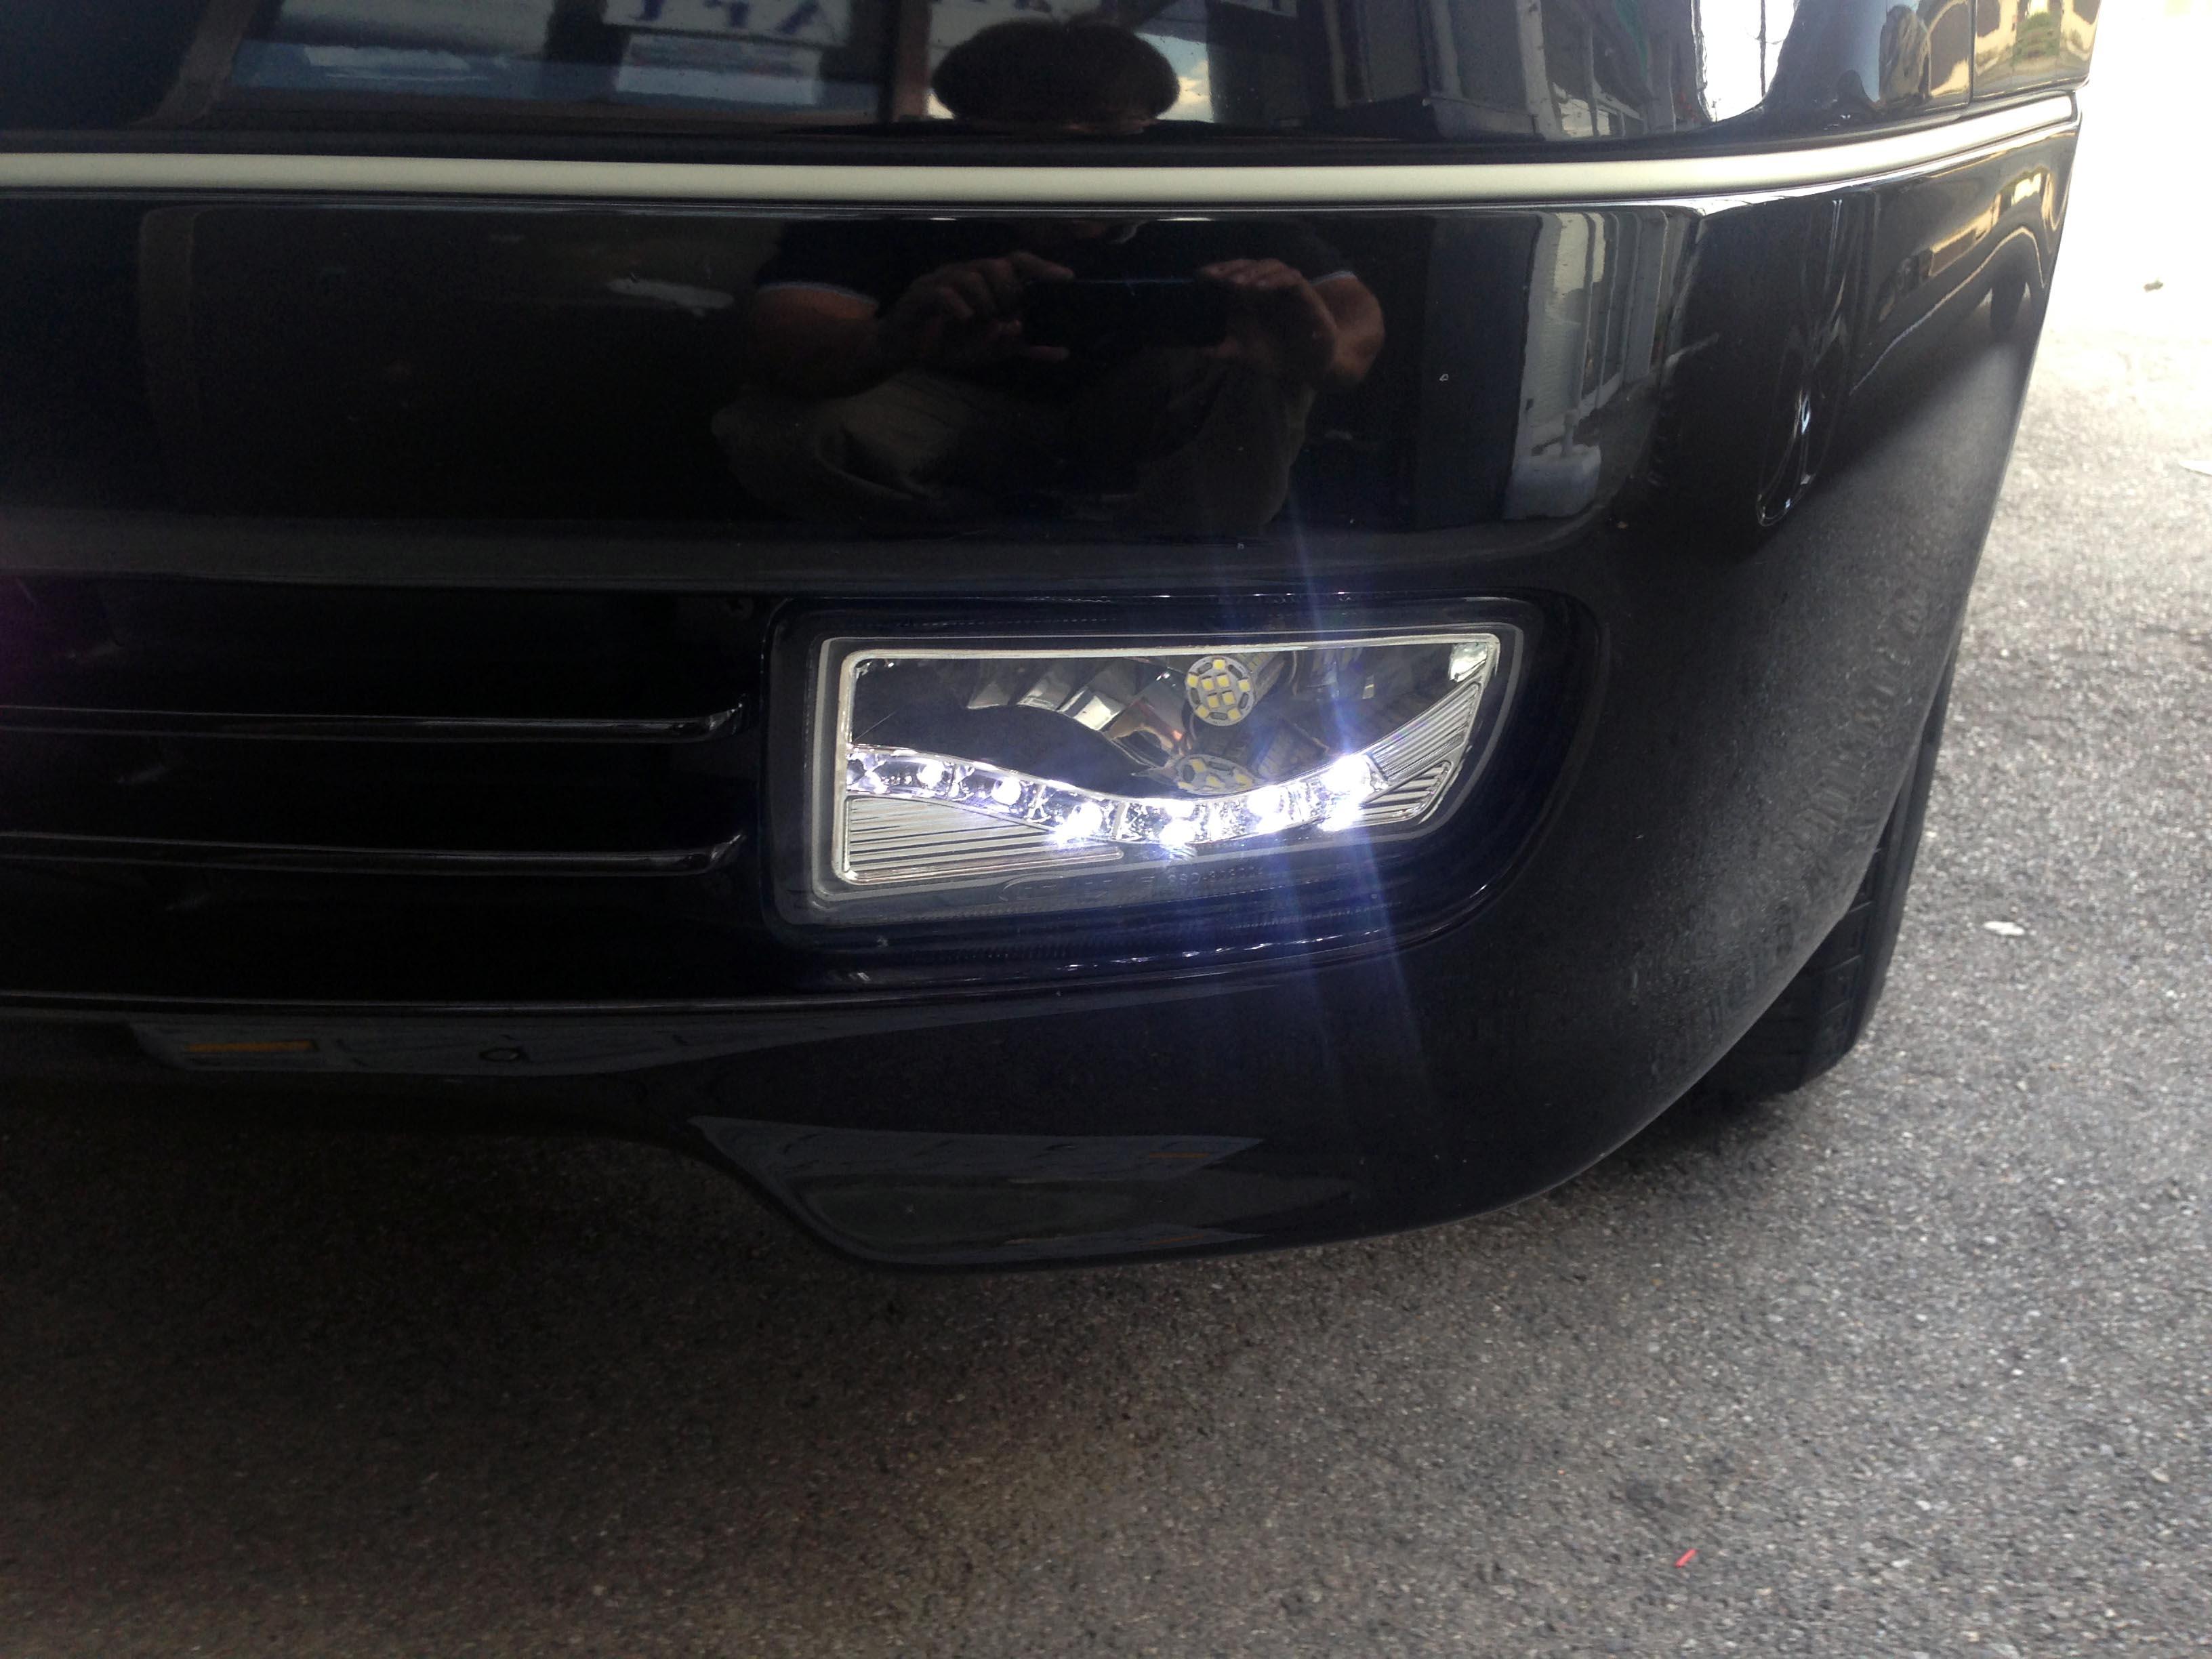 トヨタアリストデイライト内蔵LEDフォグランプキット取り付け後デイライト点灯